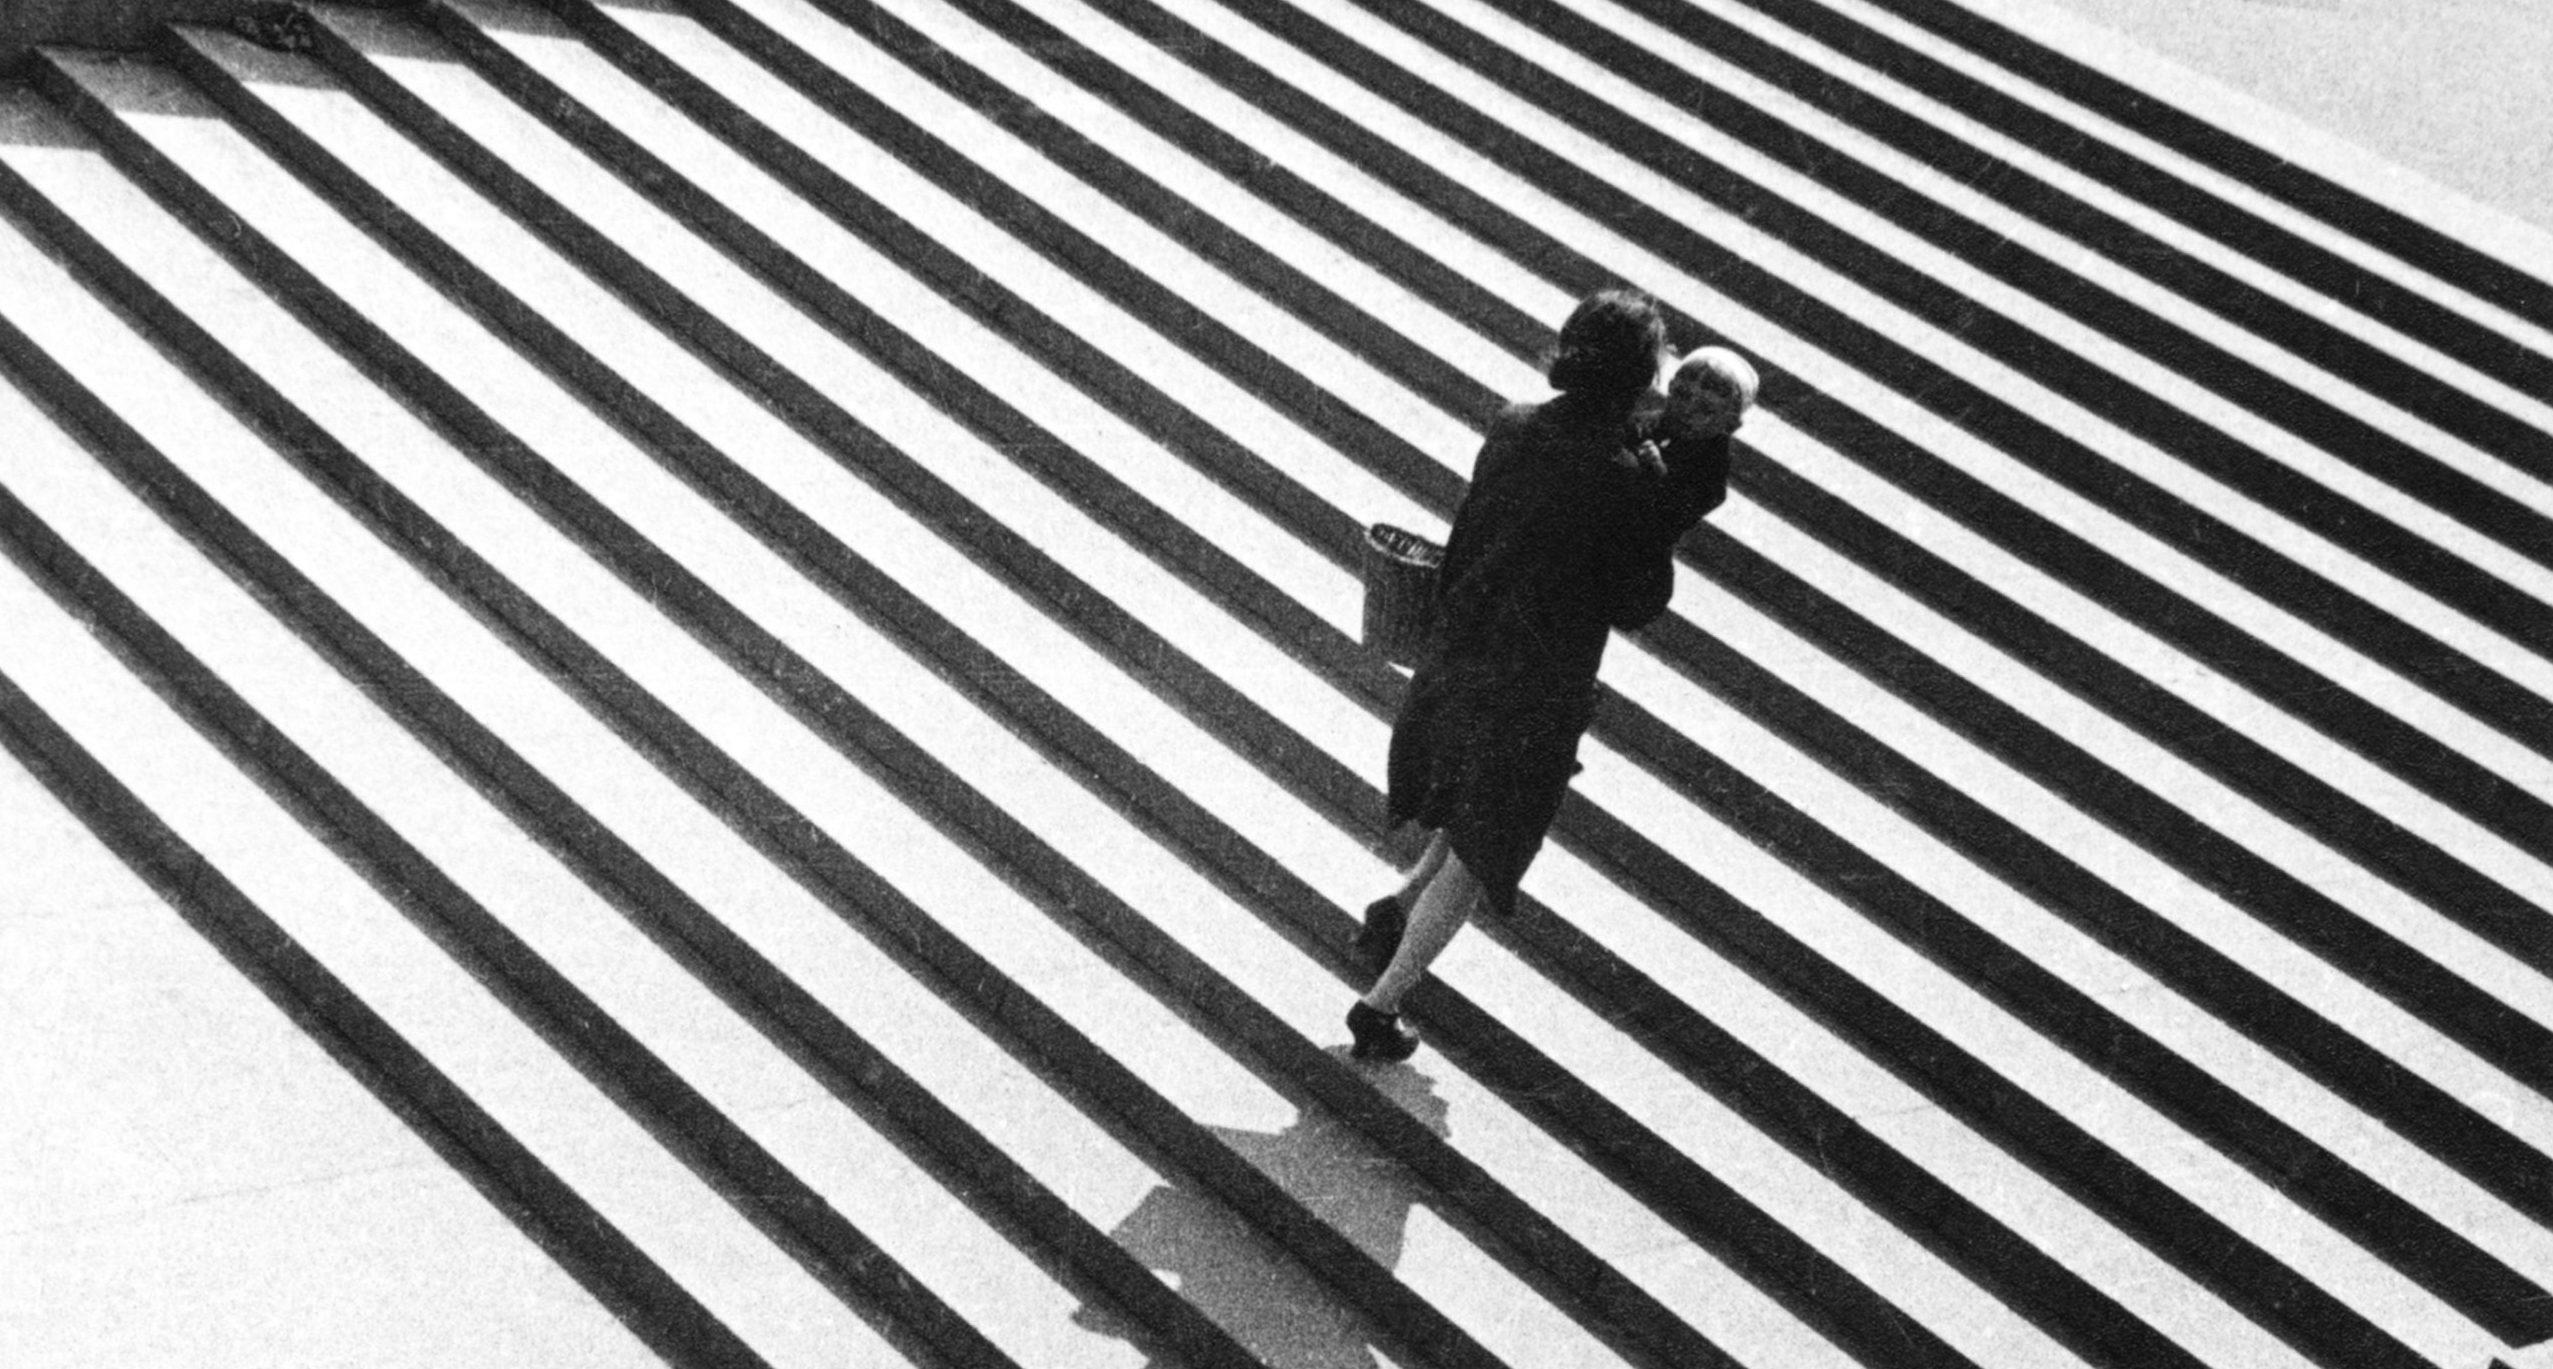 La grande mostra di Alexander Rodchenko a Mosca, fotografie dalla Russia rivoluzionaria